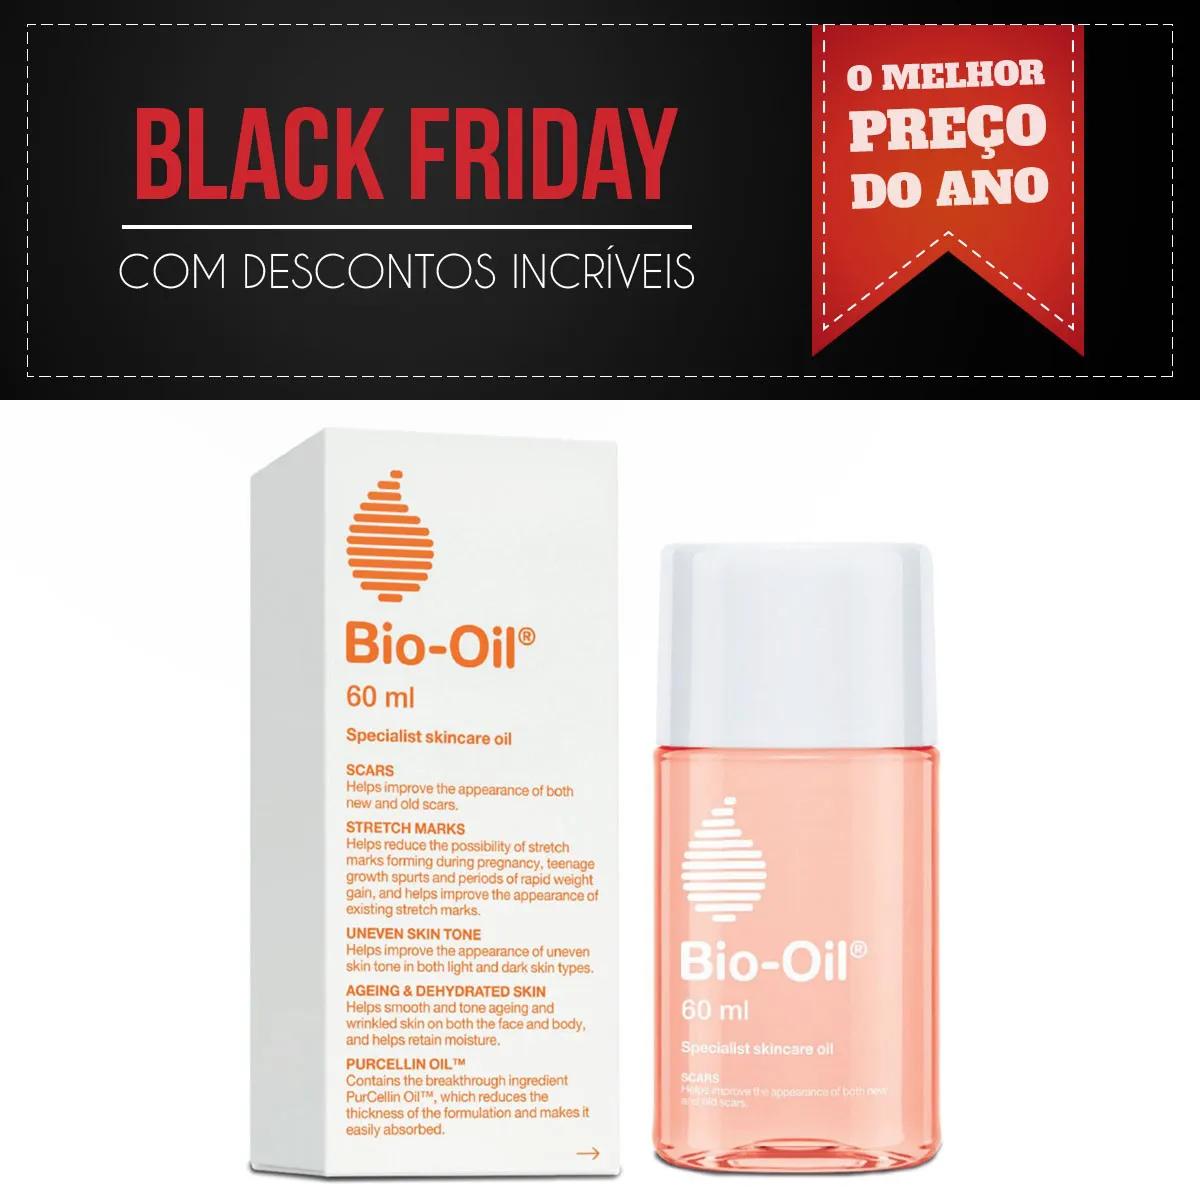 Bio Oil 60ml - Óleo referência mundial no tratamento de cicatrizes estrias e tons desiguais